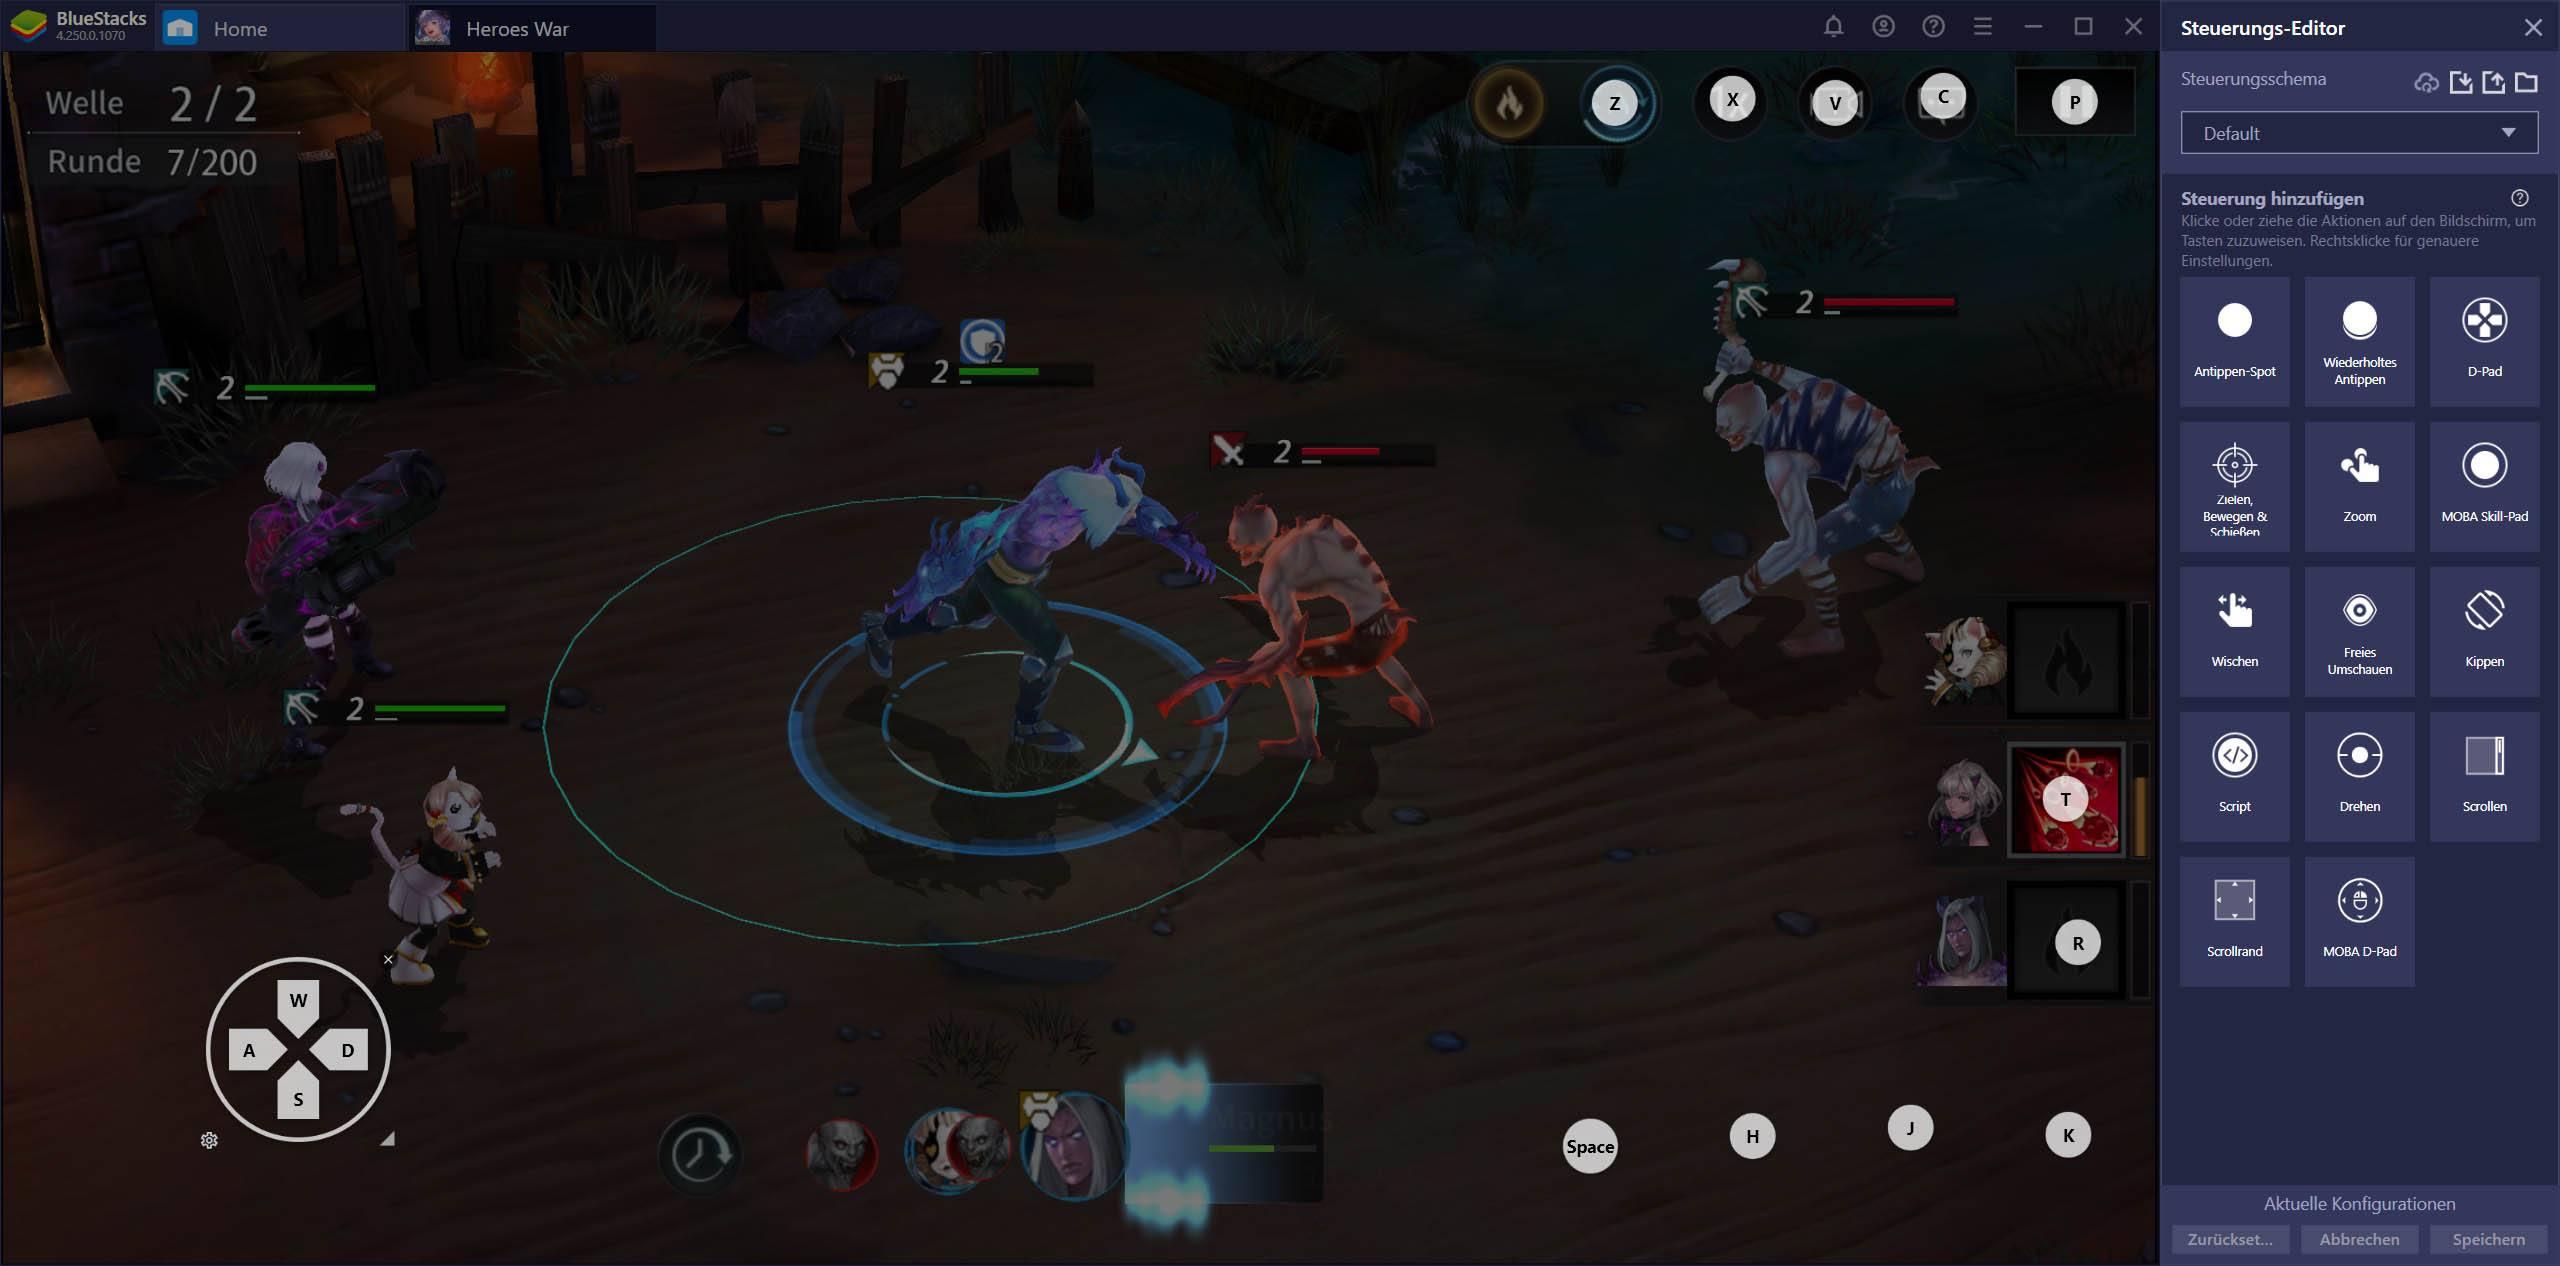 Heroes War: Counterattack auf dem PC – Nutze BlueStacks für einfaches Rerolling und bessere Steuerelemente